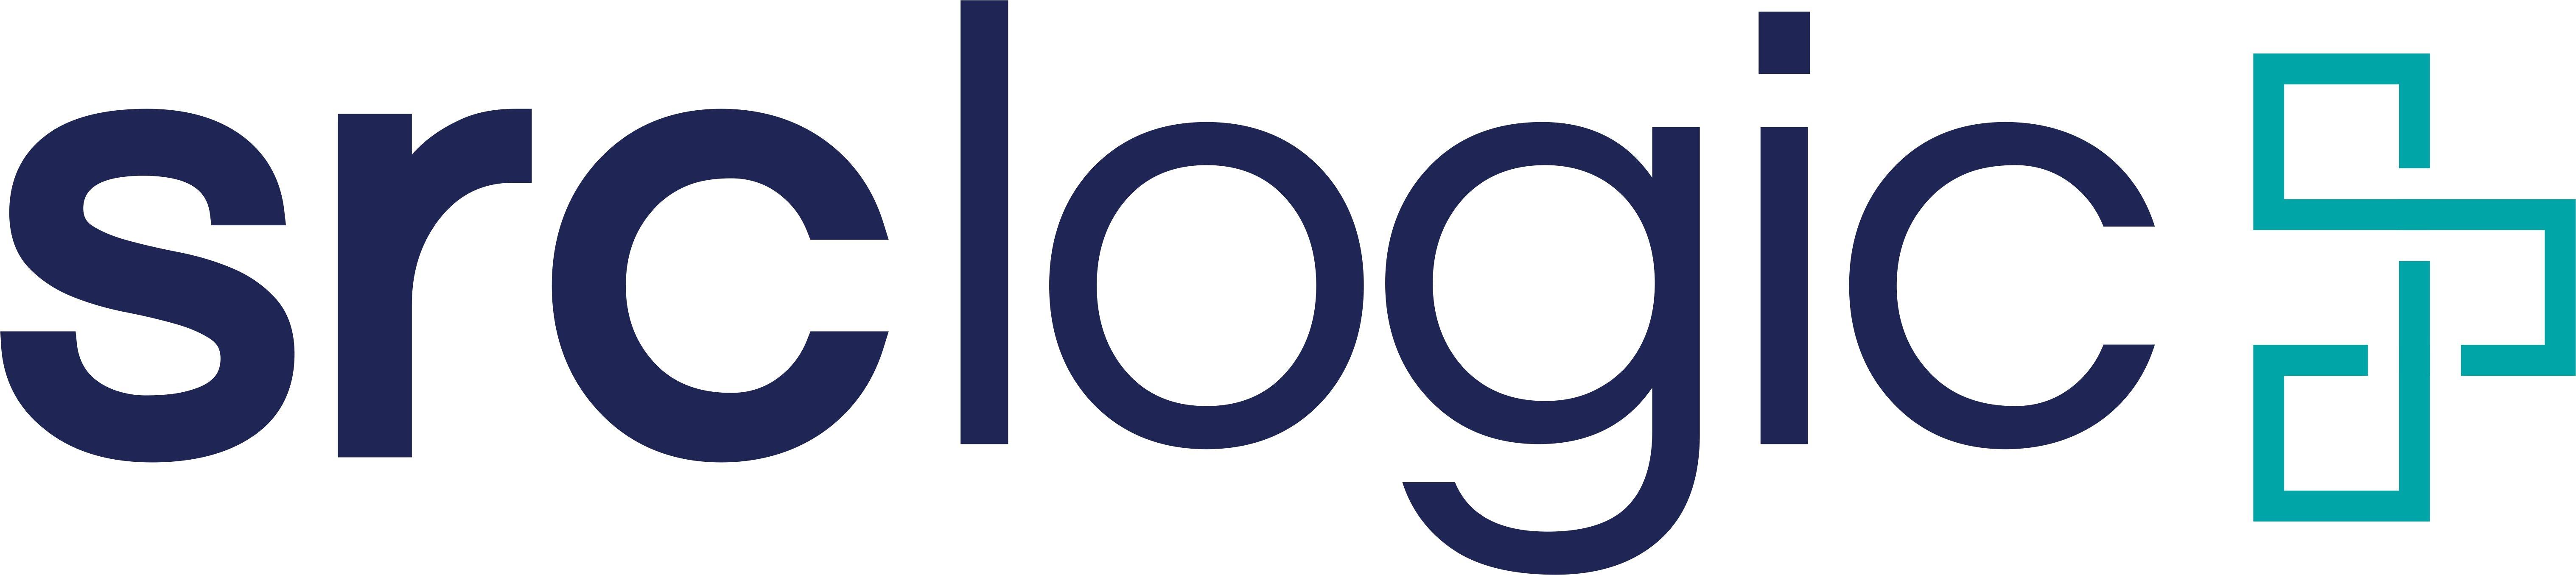 srcLogic_RGB-logo.jpg